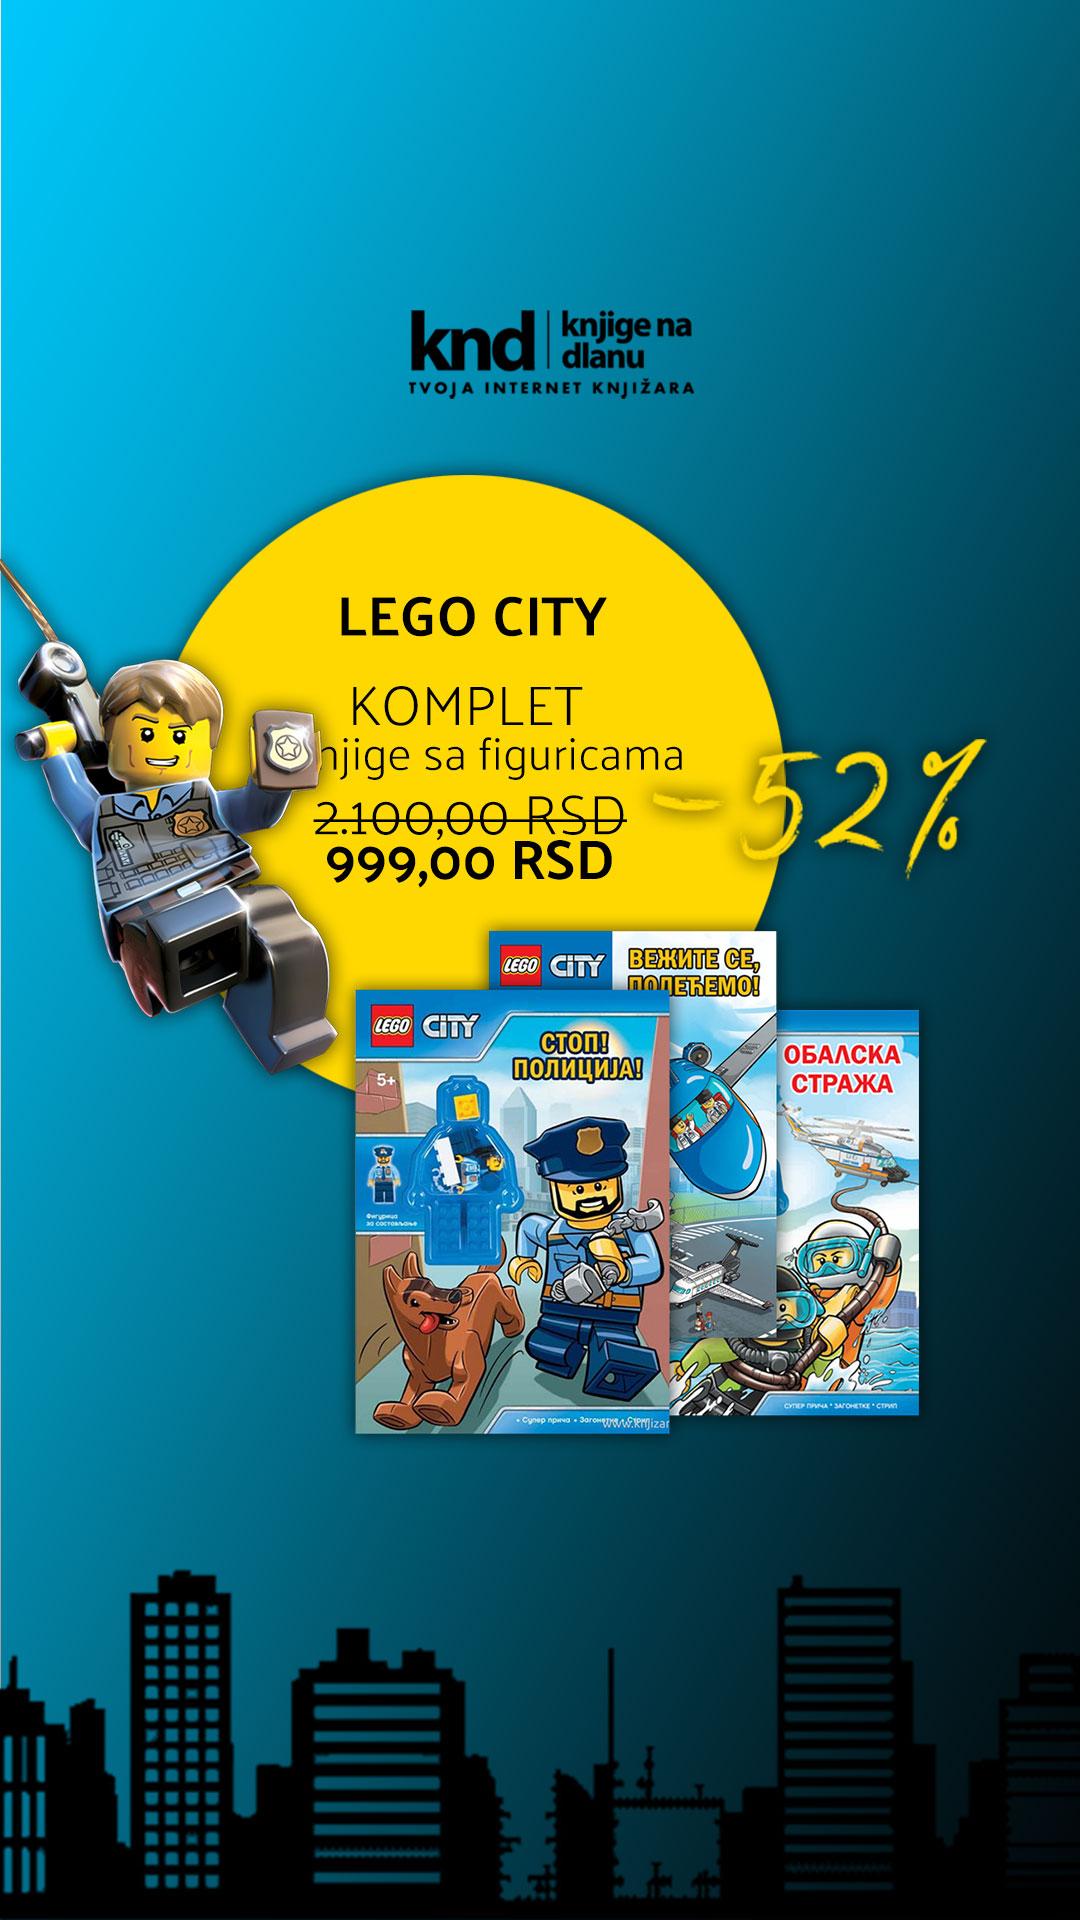 LEGO CITY KOMPLET – 3 KNJIGE SA FIGURICAMA ZA 999